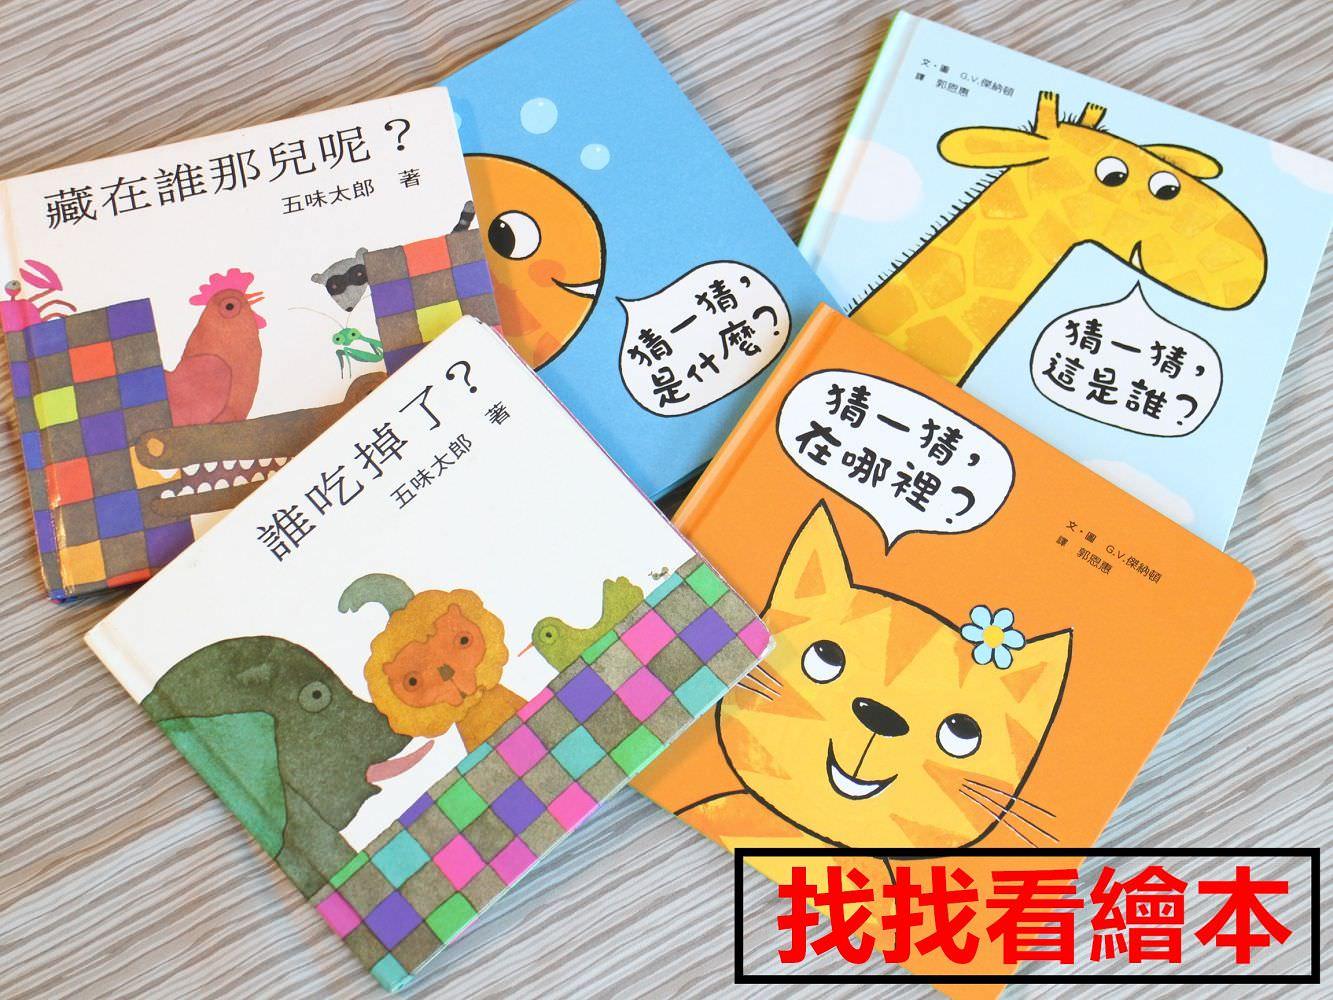 親子共讀︱0-3歲繪本︱九大分類:一起來找找看,誰吃掉了、小金魚逃走了,發揮孩子的觀察力(2)